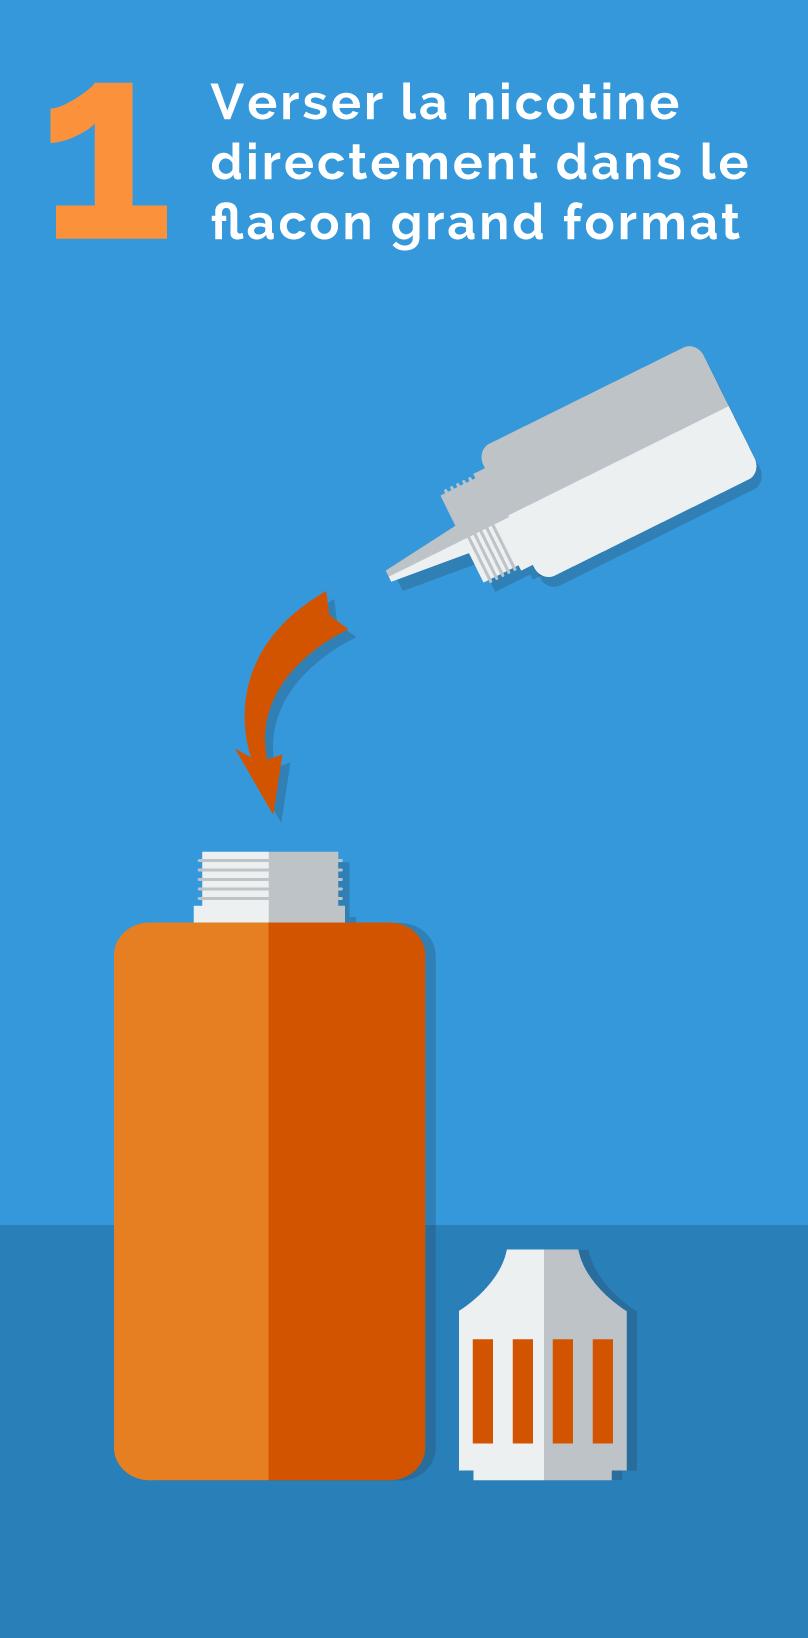 Comment ajouter de la nicotine à votre liquide grand format - étape 1